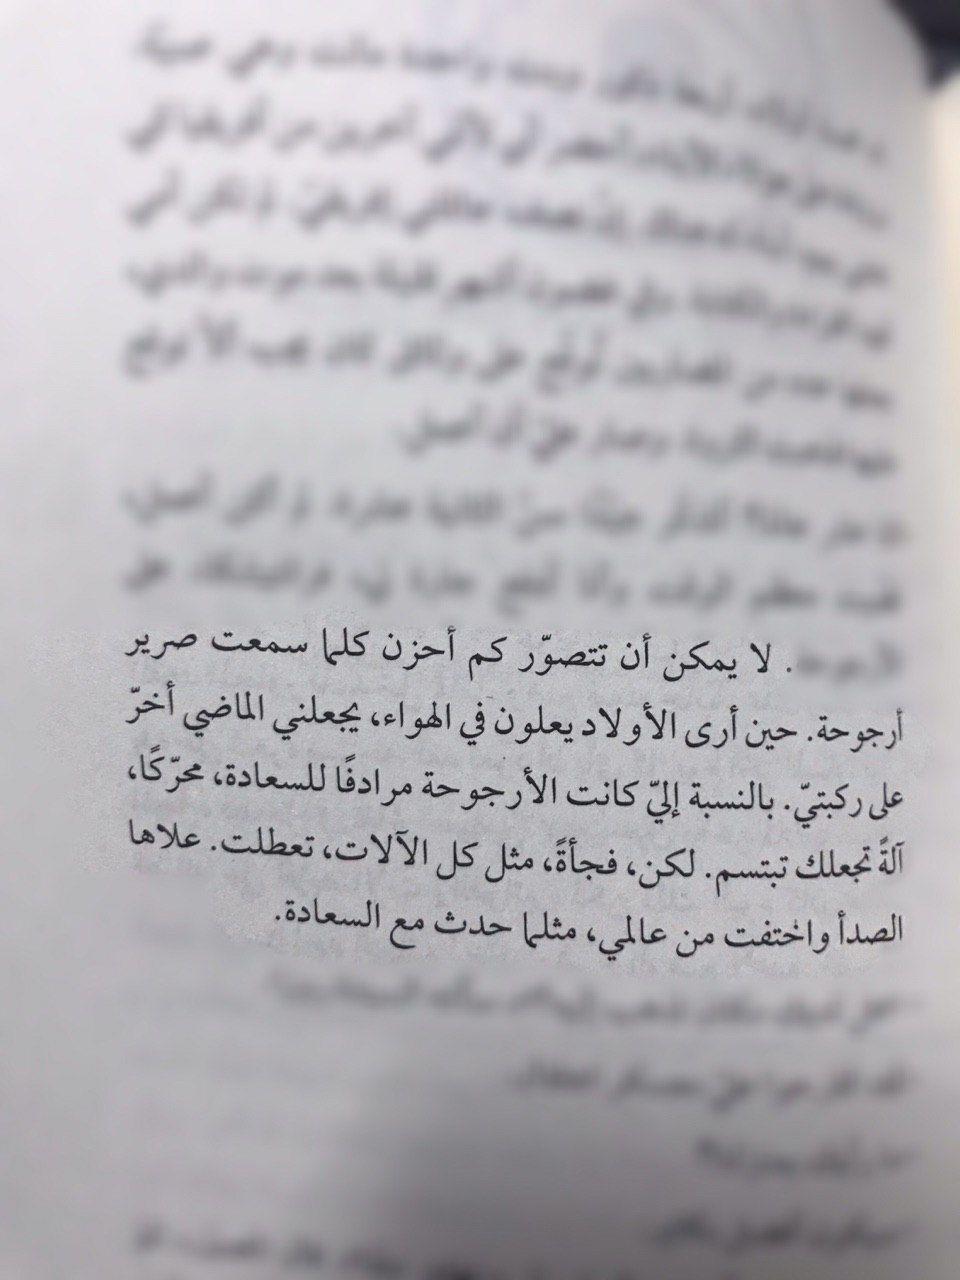 من رواية الرسام تحت المجلى افونسو كروش Arabic Quotes Words Quotes